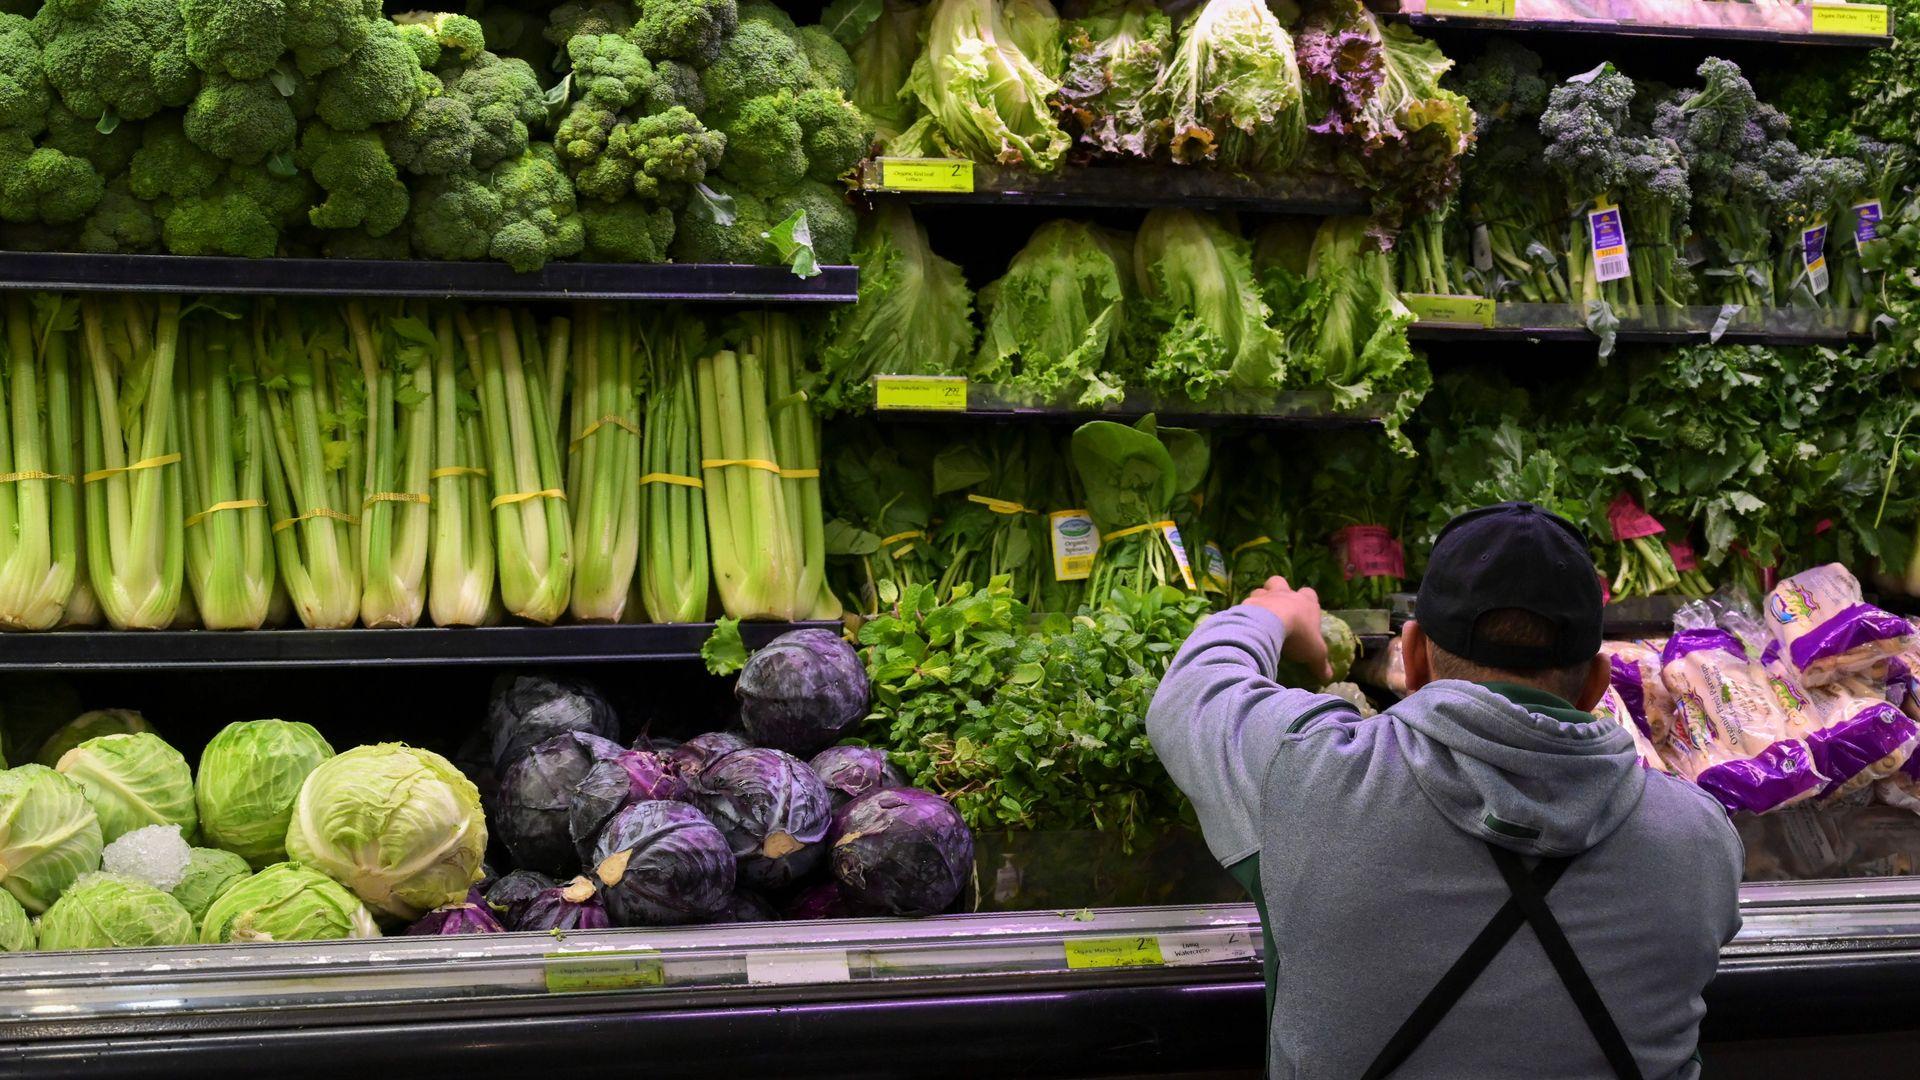 Amazon Whole Foods produce section